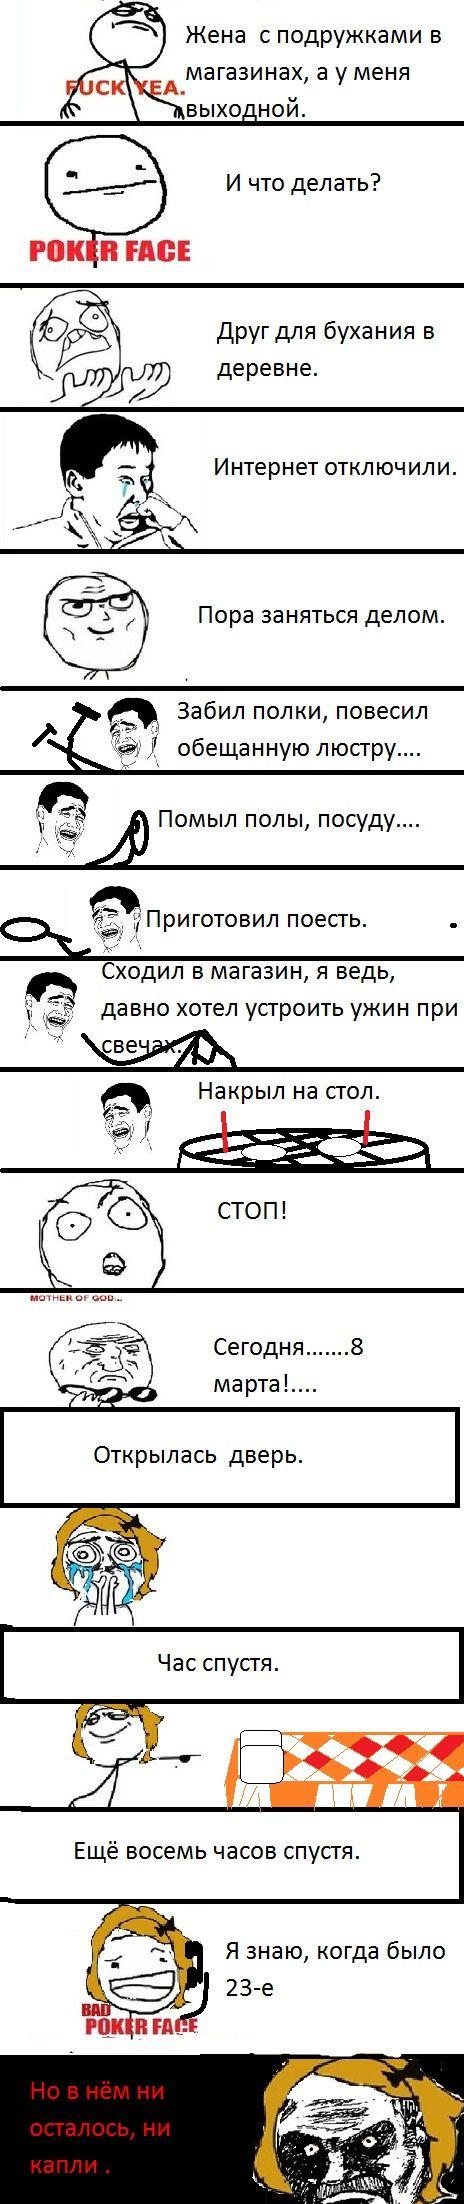 8_marta_23